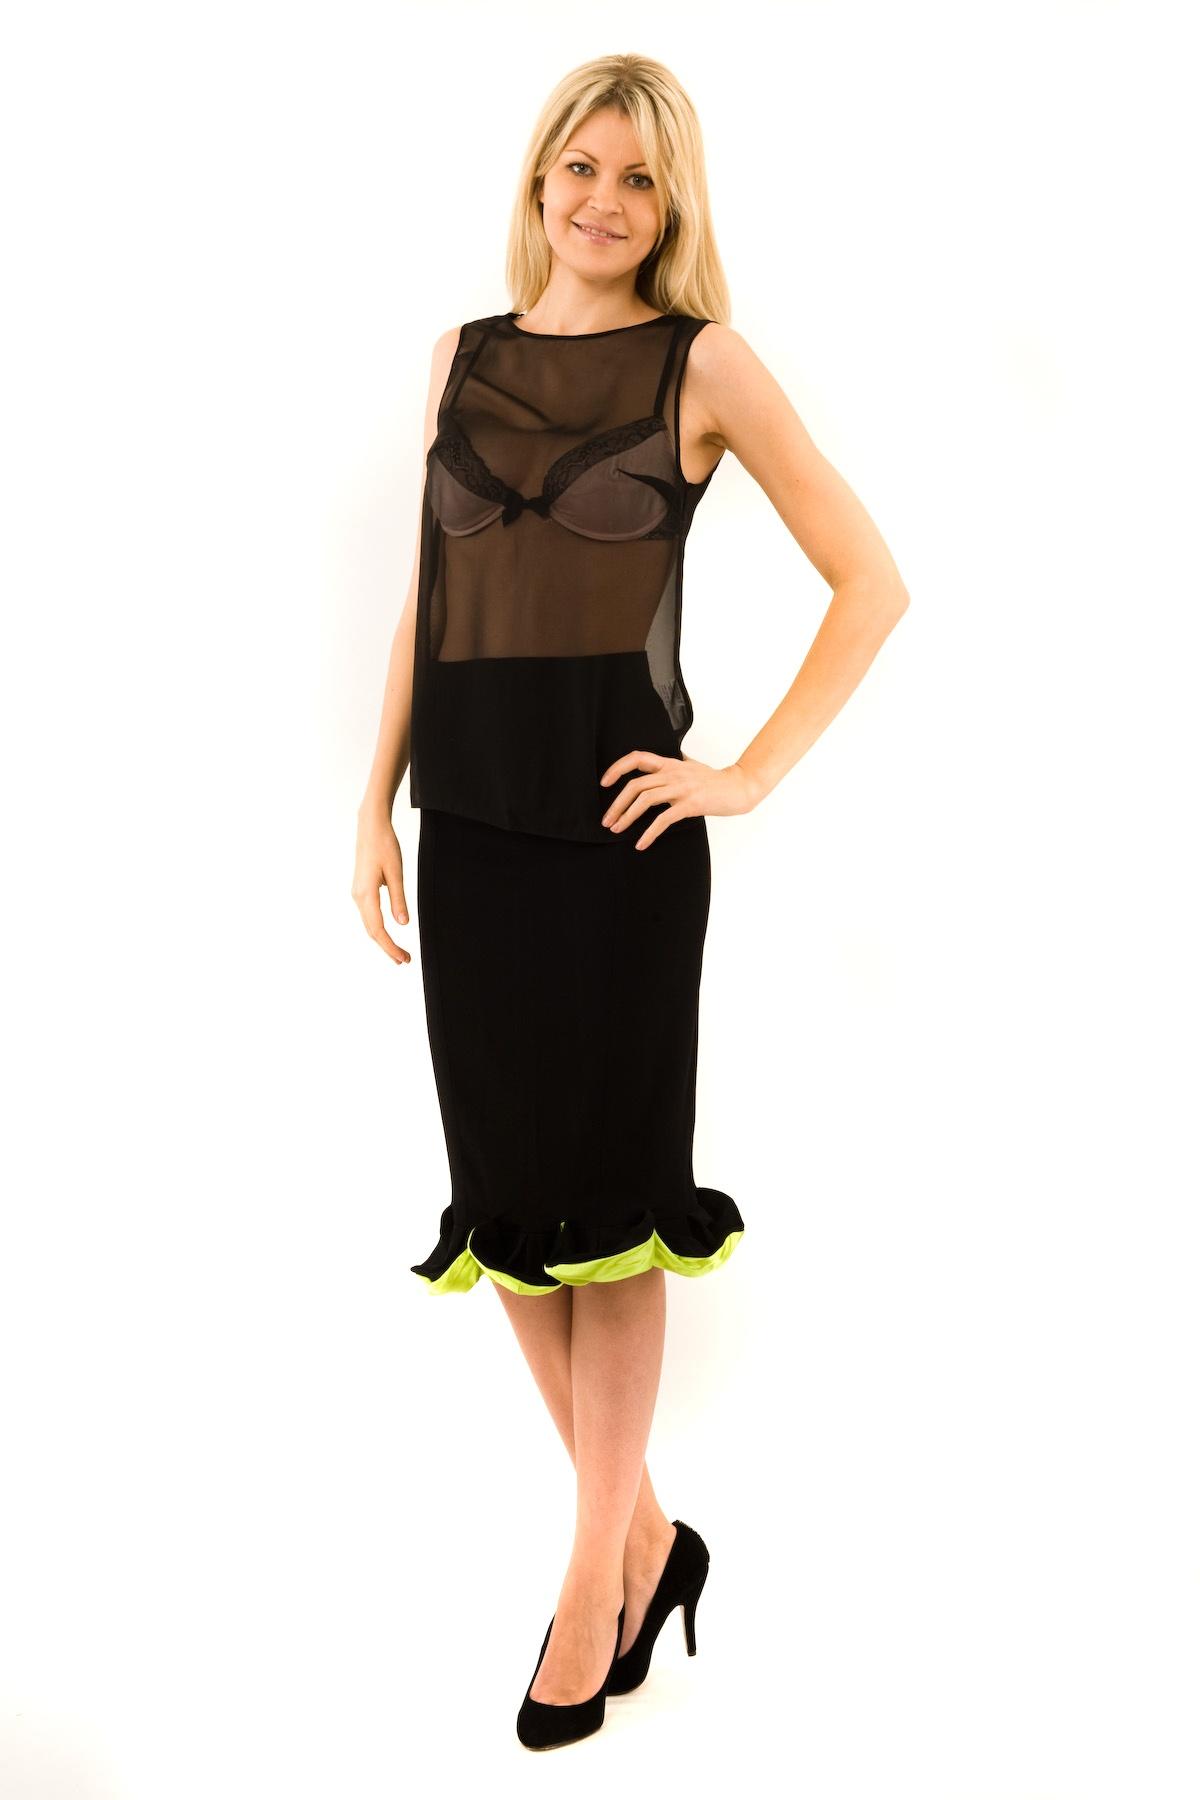 БлузаЖенские блузки<br>Эффектная блузка Doctor E элегантного лаконичного дизайна. Модель выполнена из легкого полупрозрачного материала. Восхитительное дополнение к Вашему повседневному гардеробу.<br><br>Цвет: черный<br>Состав: 100% полиэстер<br>Размер: 40,42,44,46,48,50,52,54,56<br>Страна дизайна: Россия<br>Страна производства: Россия